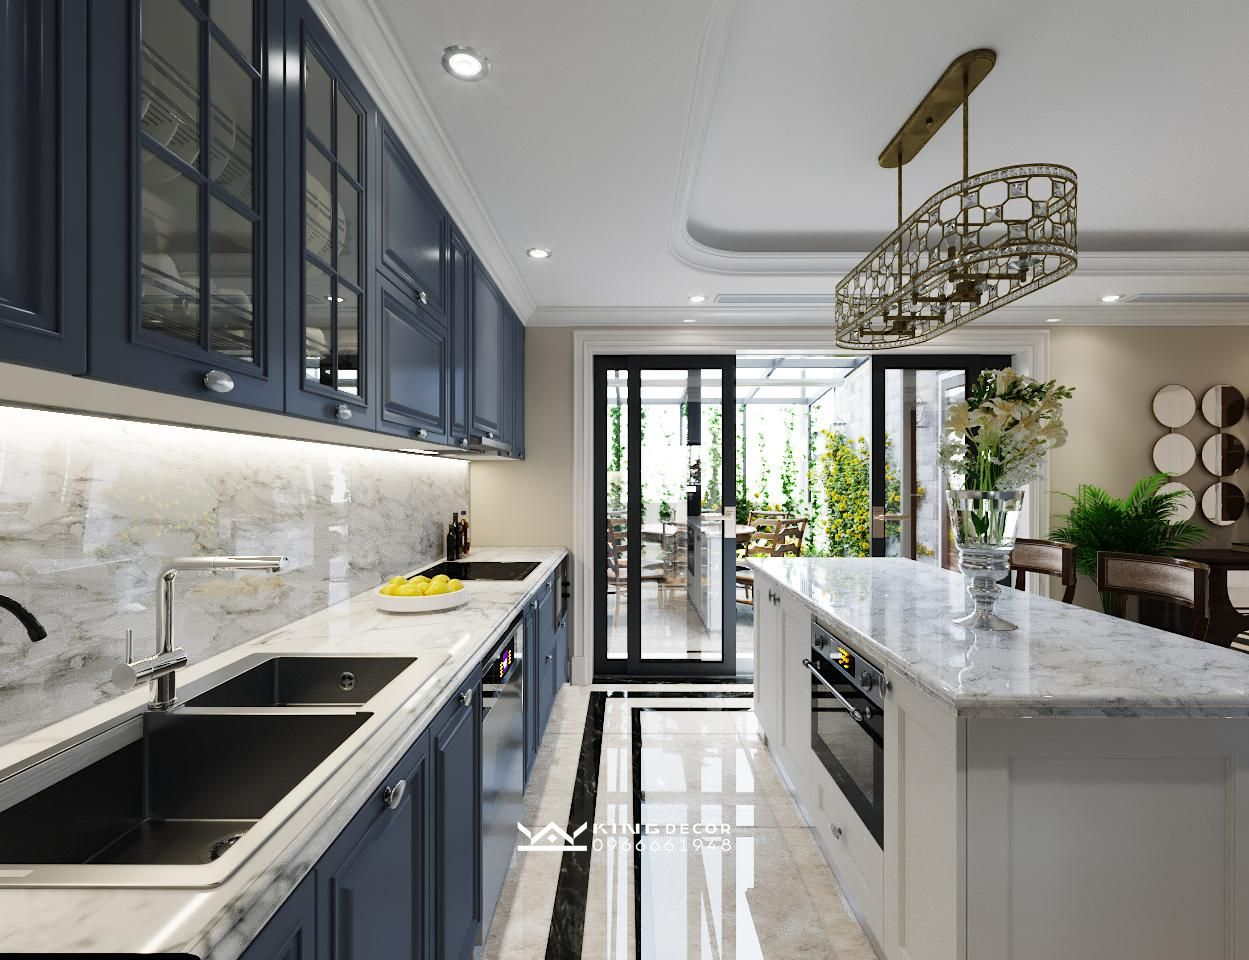 Thiết kế nội thất căn hộ New slyline